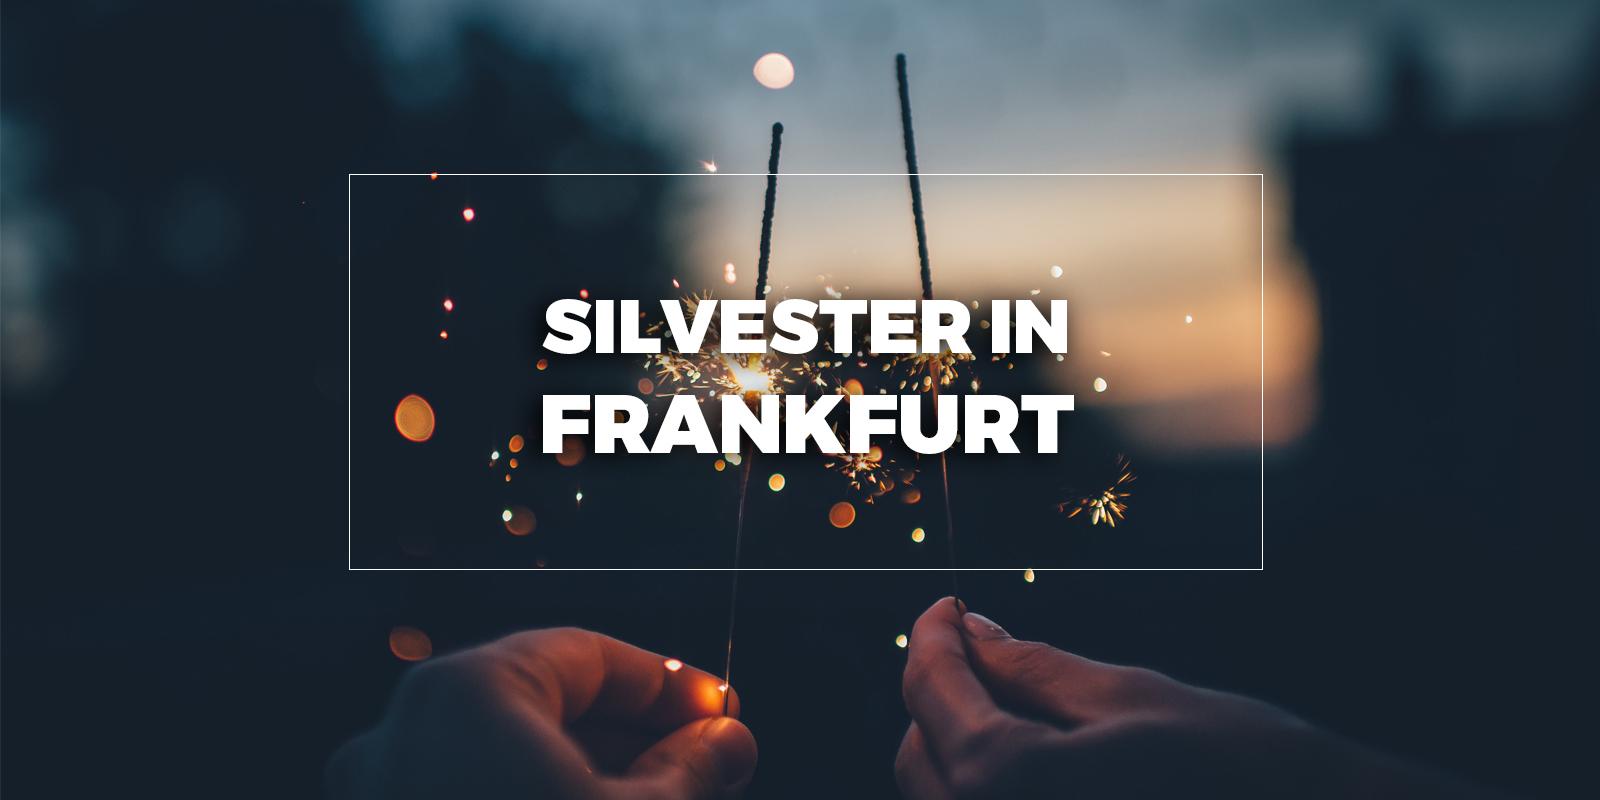 Silvester in Frankfurt 2016